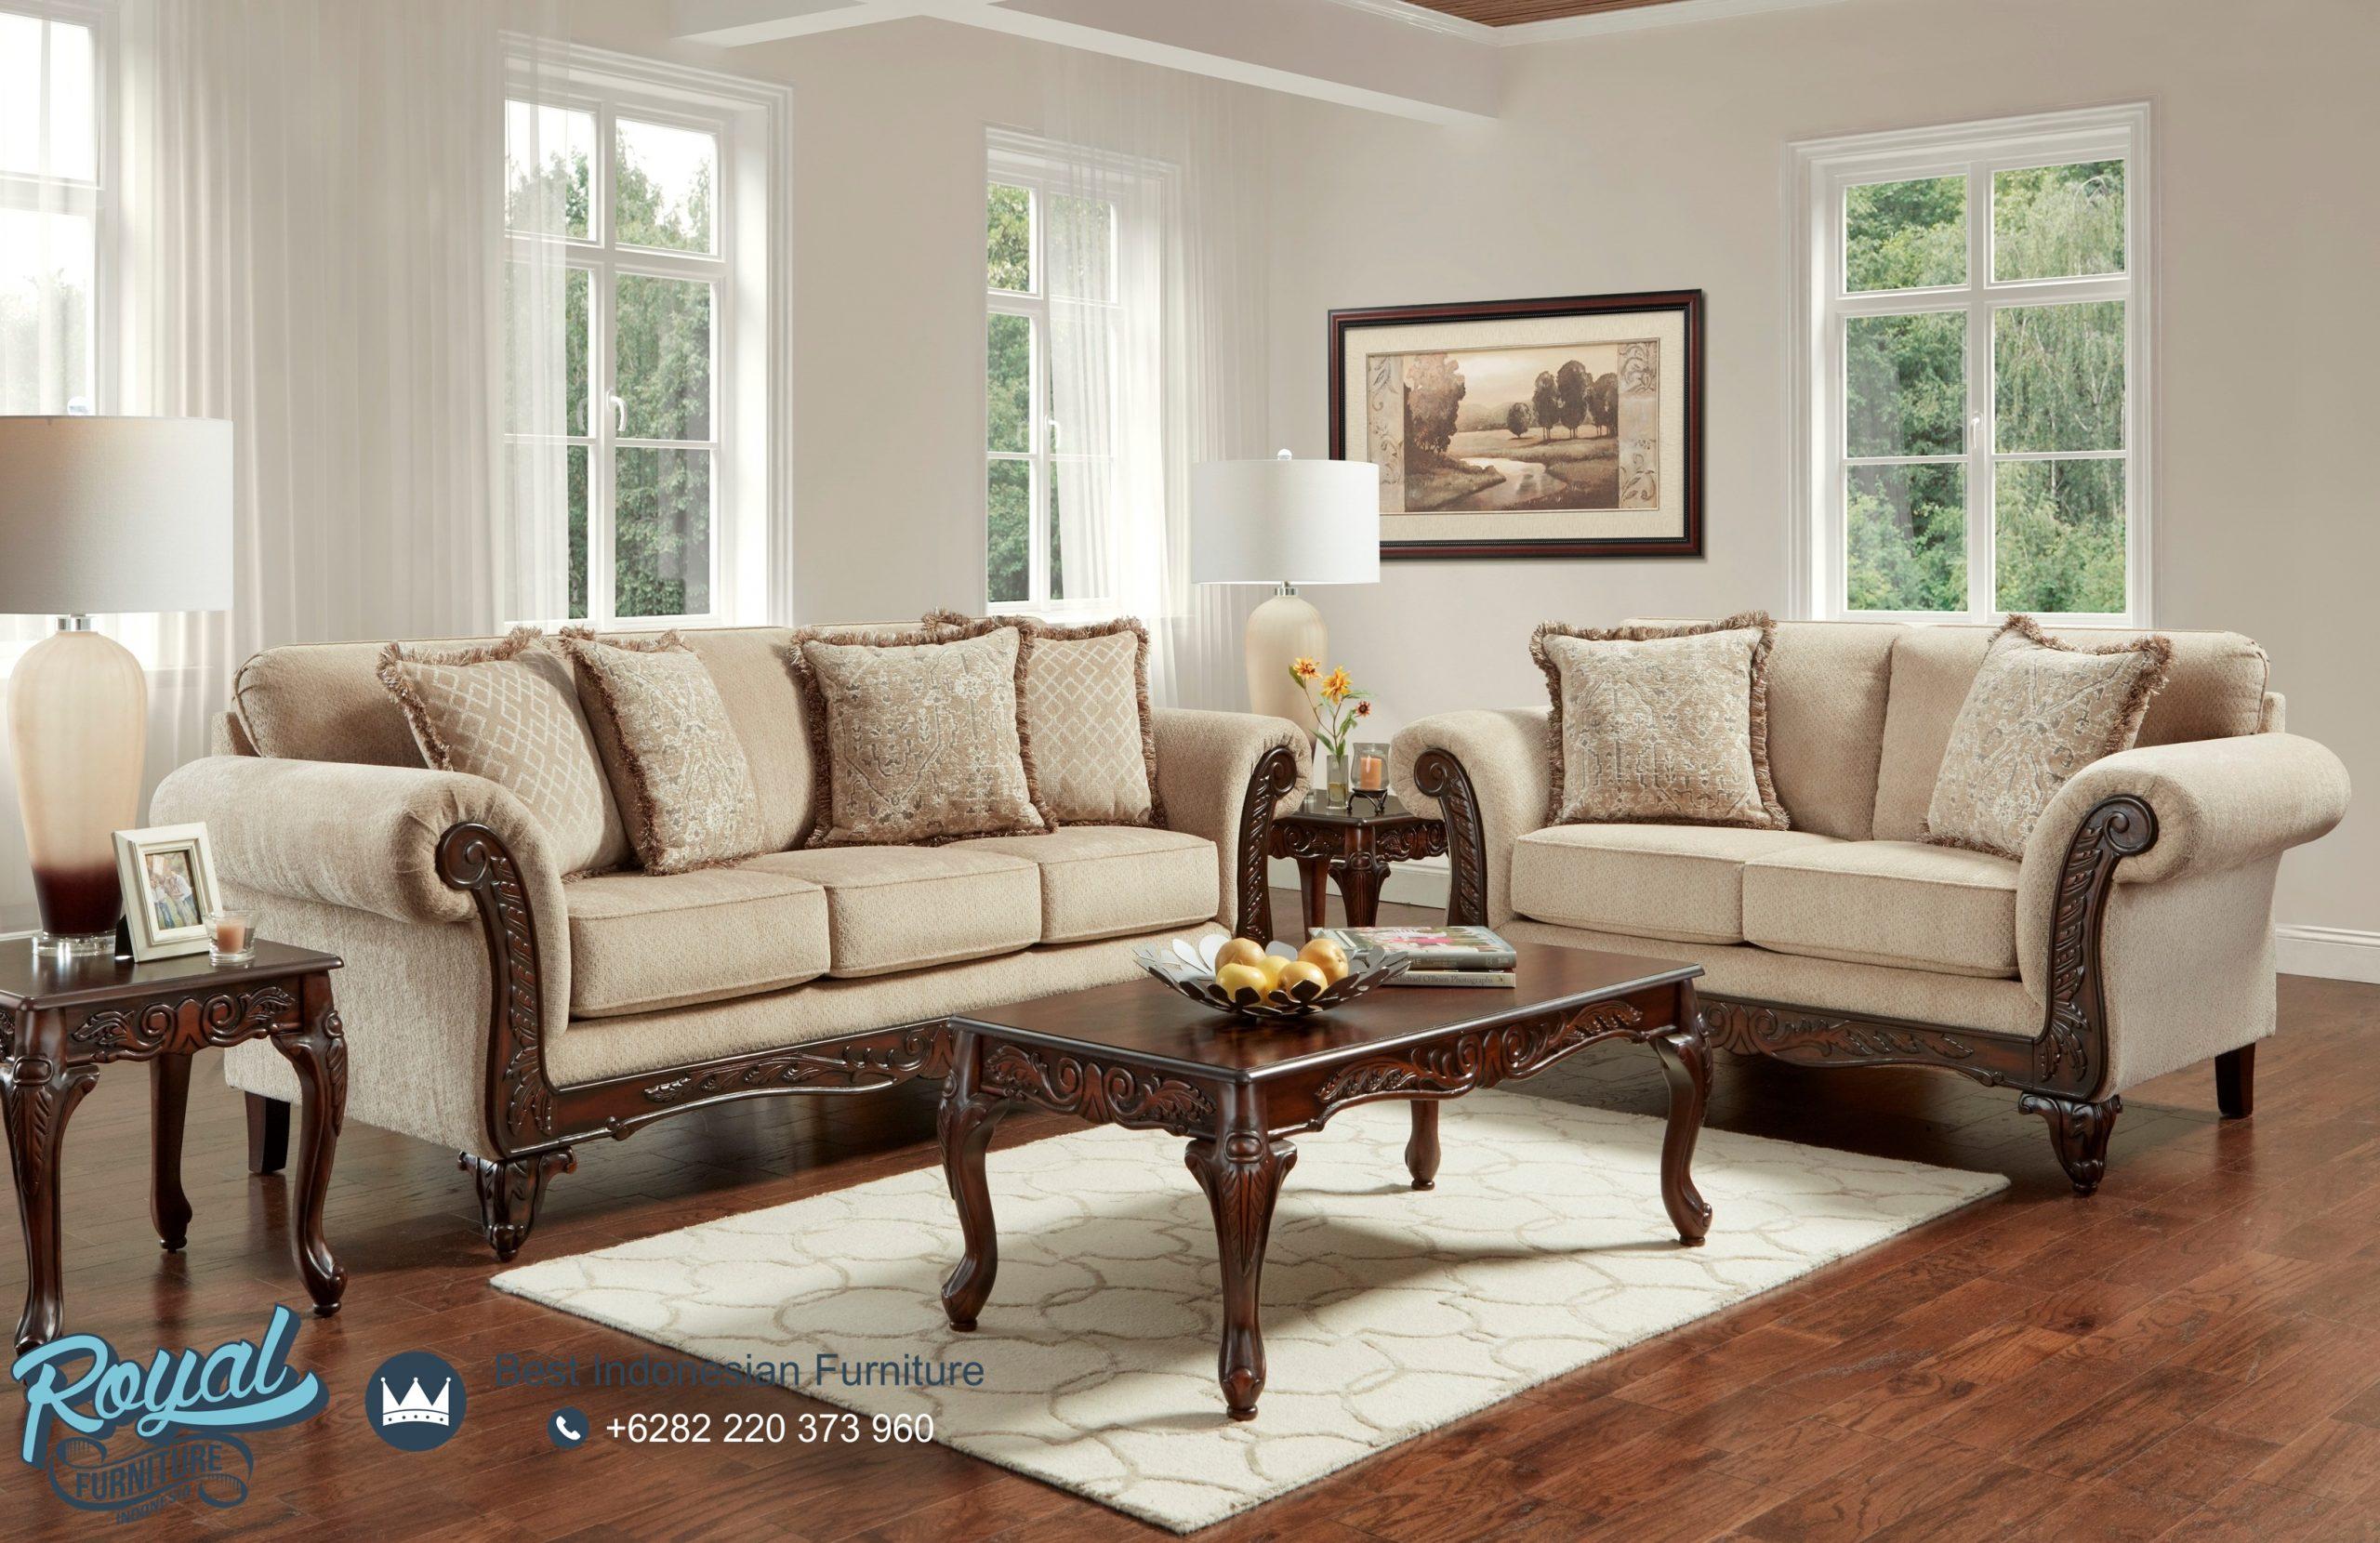 Sofa Tamu Jati Minimalis Klasik Ukir Jepara Emma Wheat, sofa jati ukir, sofa jati jepara, sofa tamu mewah klasik, sofa jati minimalis modern, harga sofa tamu jepara, sofa jati mewah, sofa jati minimalis terbaru, sofa kayu jati jepara, kursi tamu jati minimalis modern, kursi tamu jati minimalis terbaru, harga kursi tamu jati minimalis, kursi tamu jati mewah, harga kursi tamu jati 2020, kursi tamu jati jepara minimalis, kursi jati minimalis ruangan tamu kecil, sofa tamu ukir jepara, model sofa tamu mewah terbaru, desain sofa tamu kayu jati terbaru, sofa tamu mewah terbaru, sofa ruang tamu mewah modern, sofa mewah kulit asli, sofa tamu mewah modern, sofa mewah terbaru, model sofa mewah elegan, sofa tamu mewah jepara, mebel jepara, furniture jepara, royal furniture